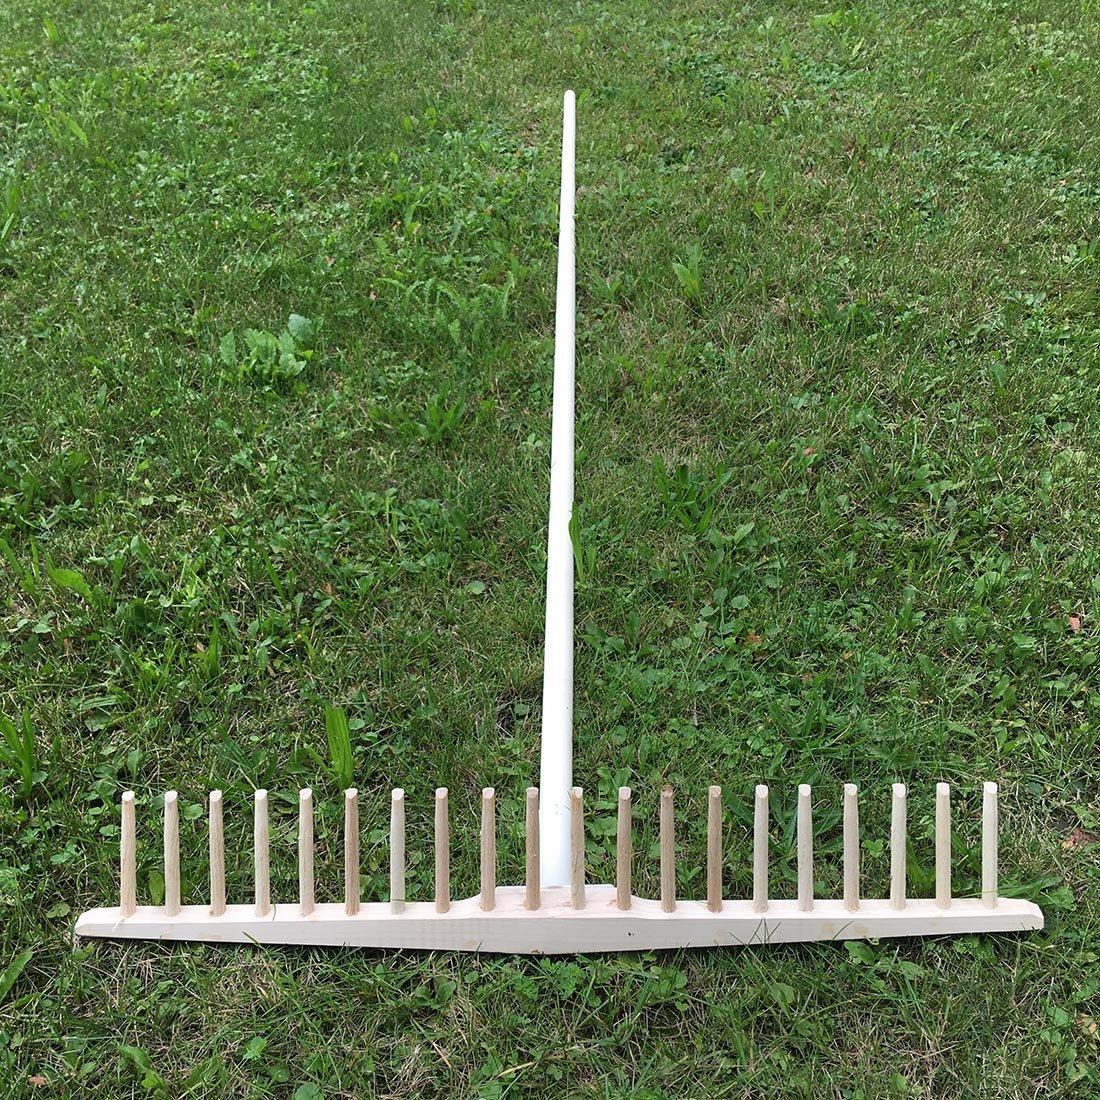 Rechenstiel aus Lindenholz 2,7 cm Durchmesser 180 cm 4betterdays.com NATURlich leben kompatibel mit Allen Heurrechen und Drahtb/ügelrechen